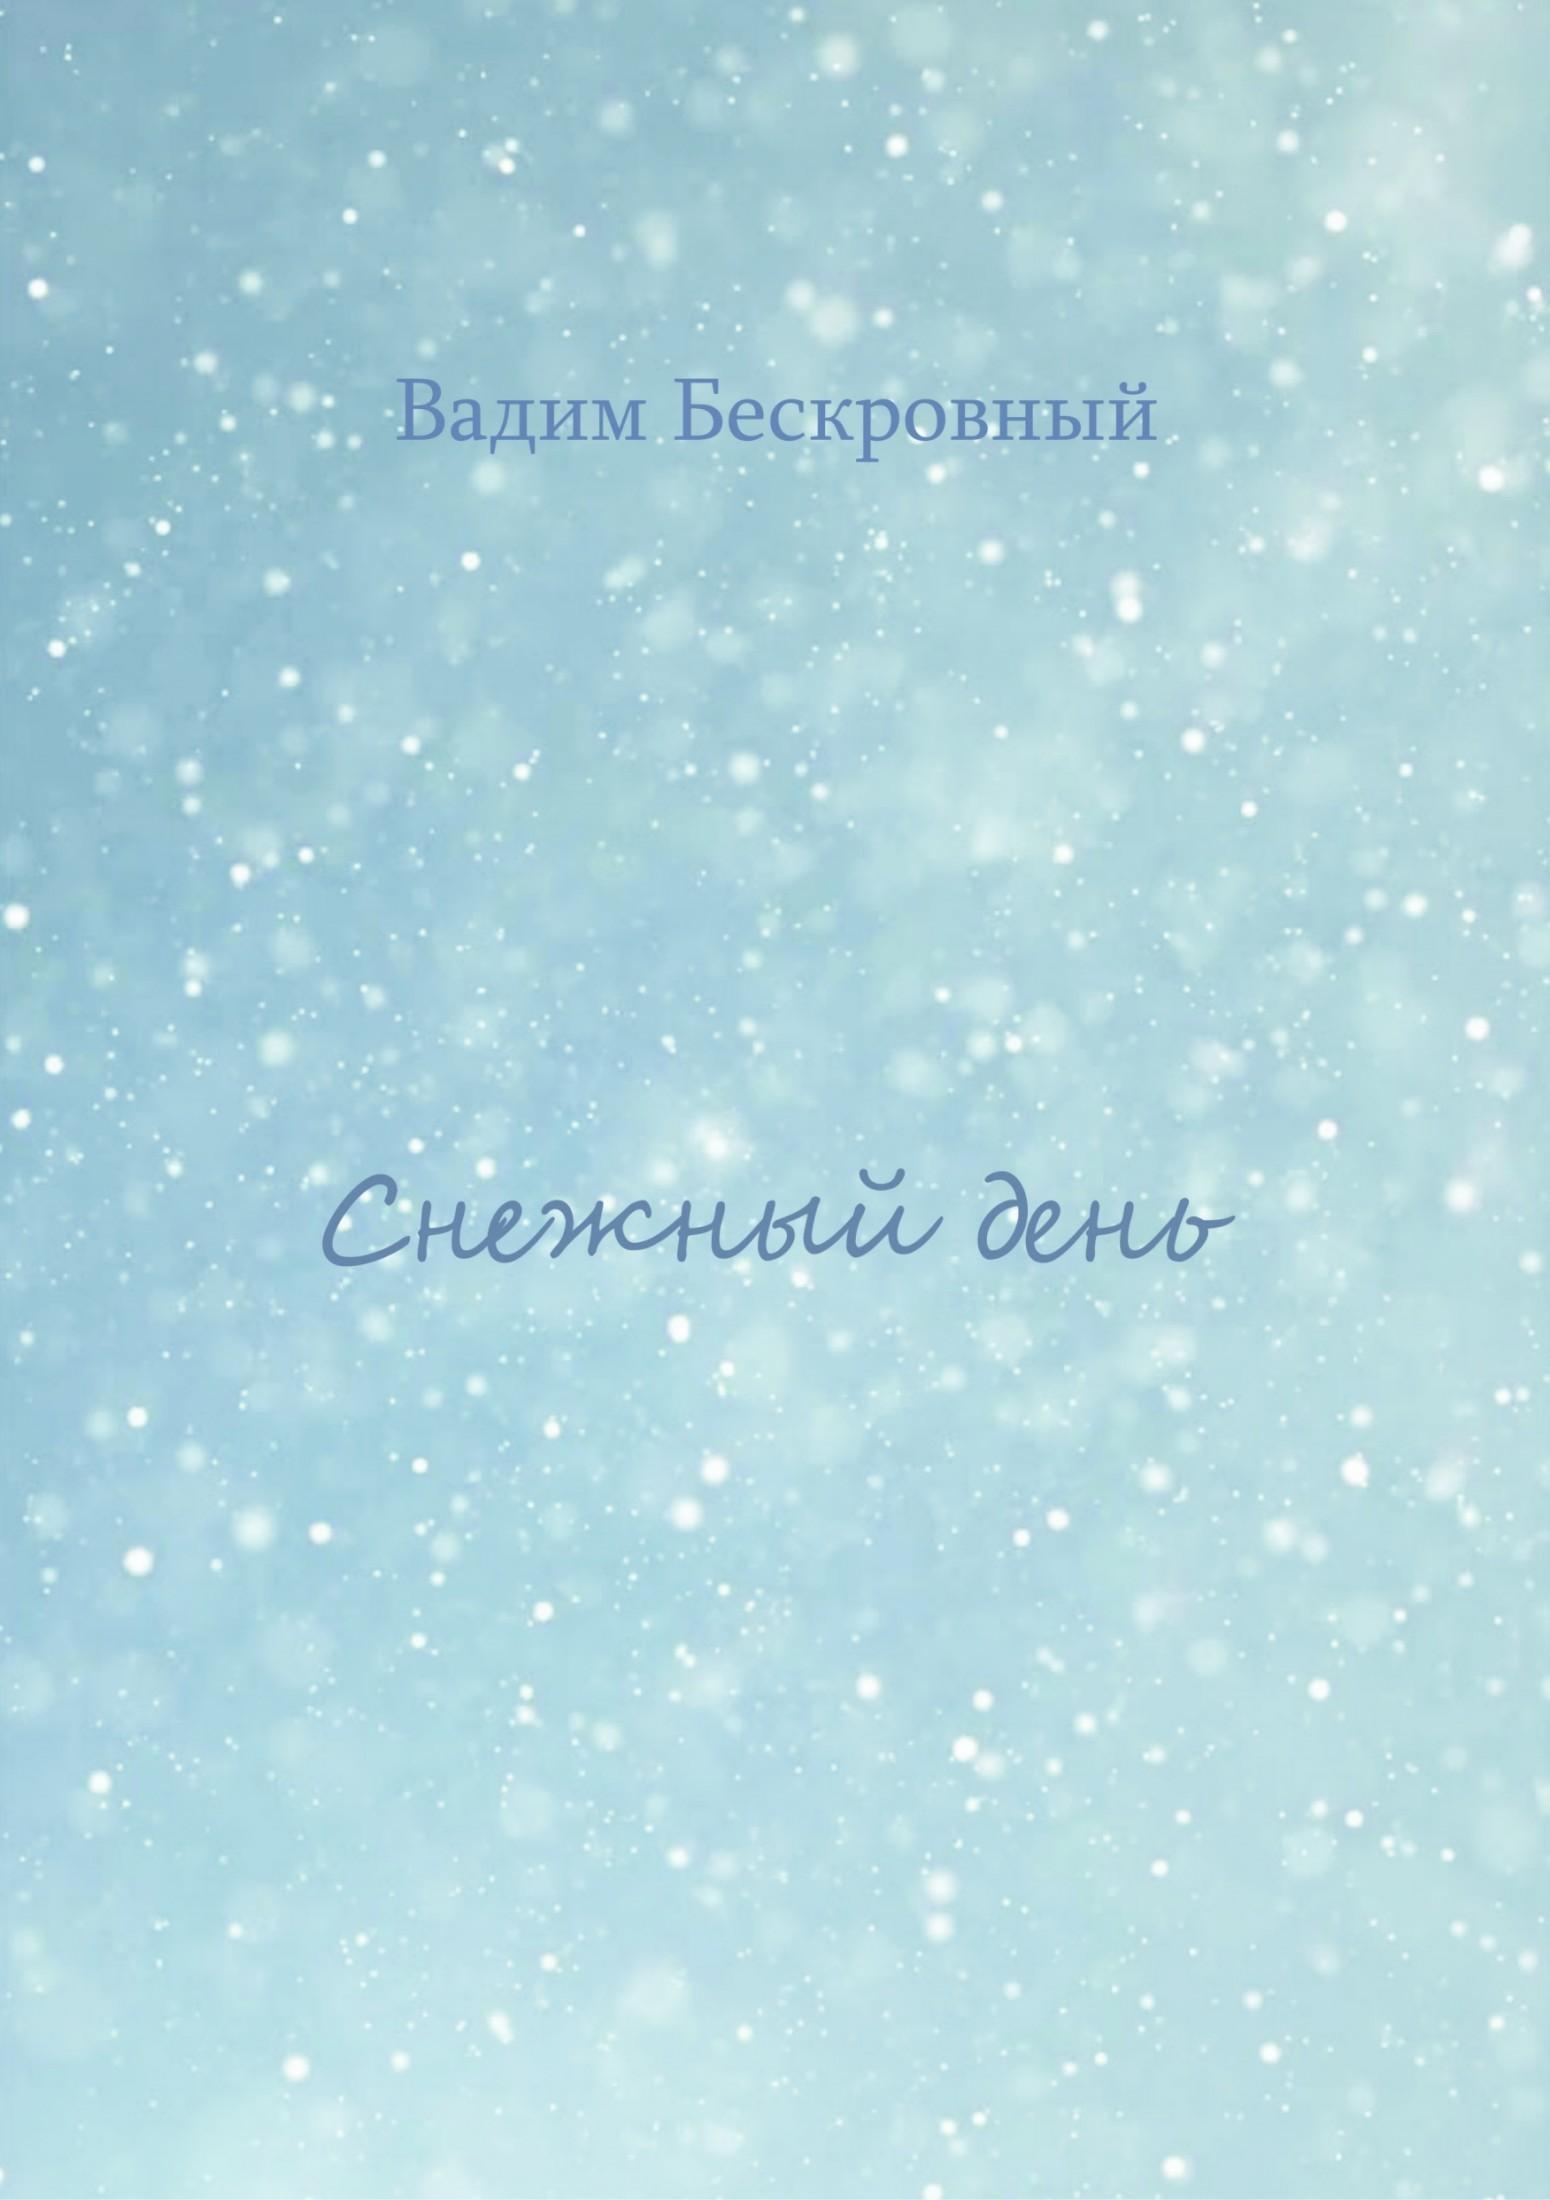 Вадим Бескровный - Снежный день